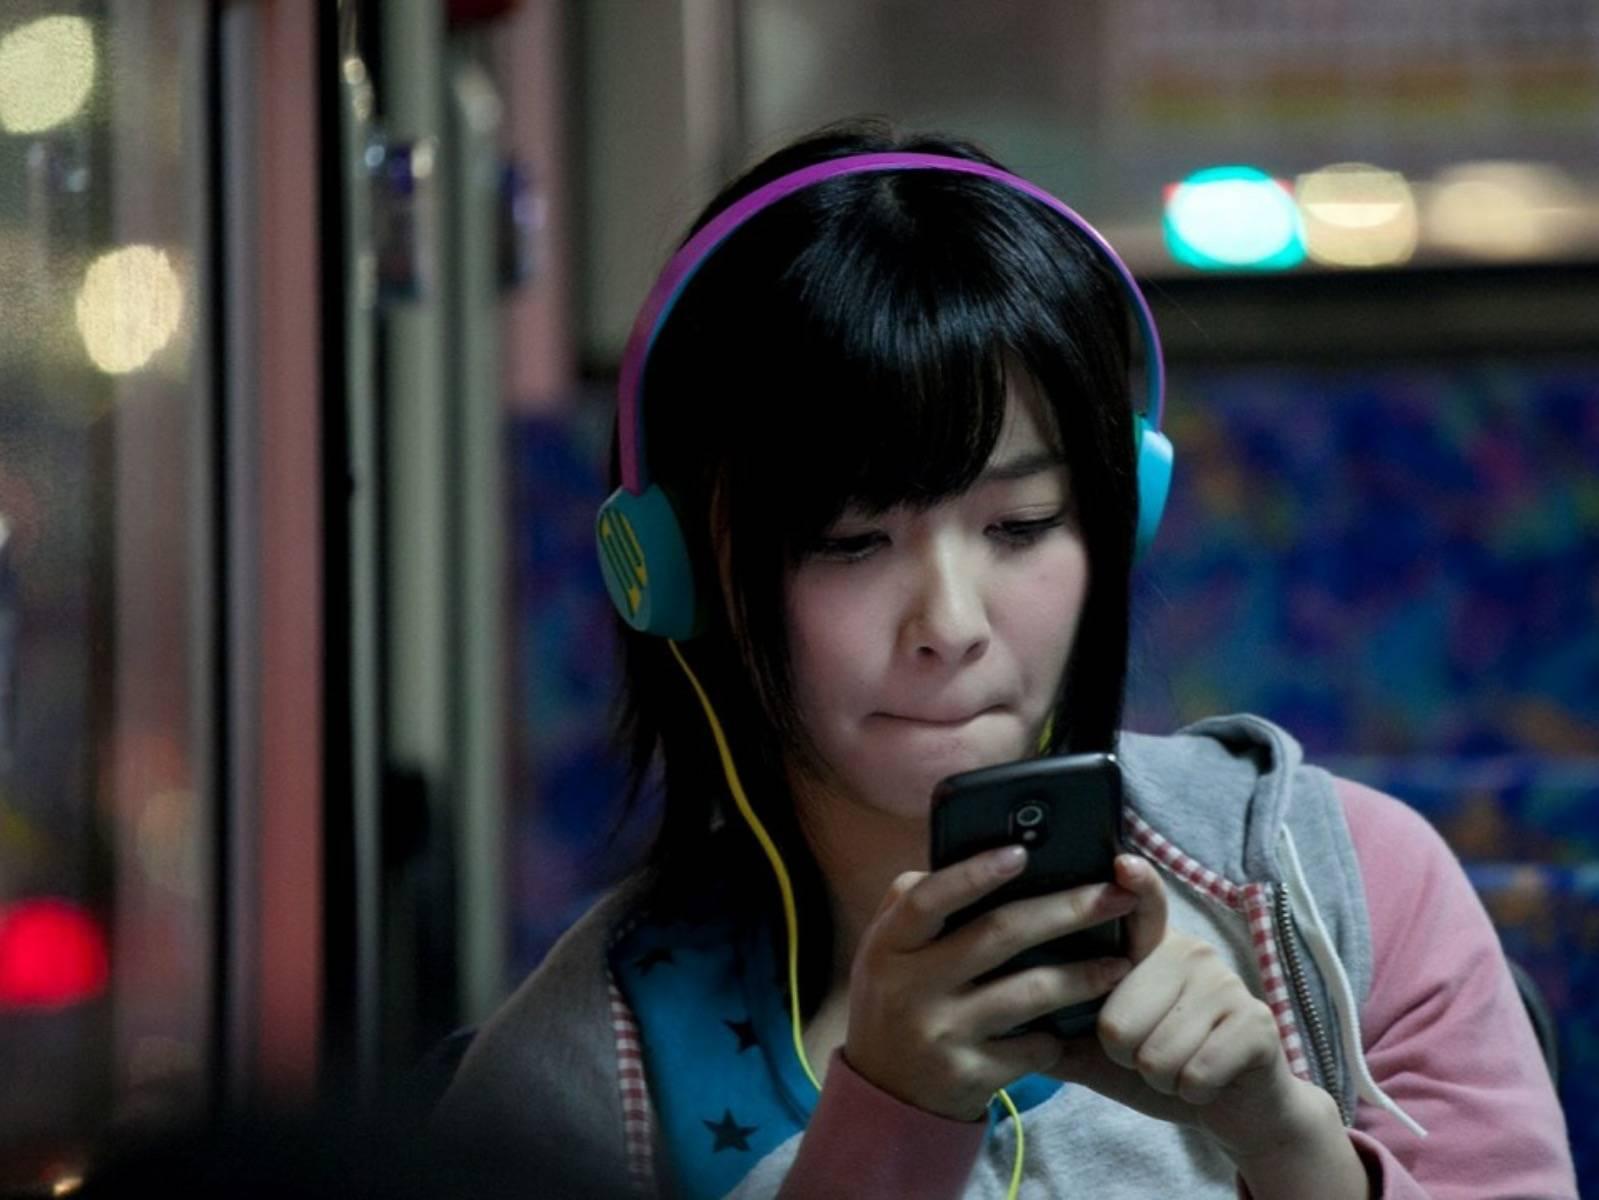 腾讯全民K歌坐拥4亿用户,它是如何闷声发大财的?